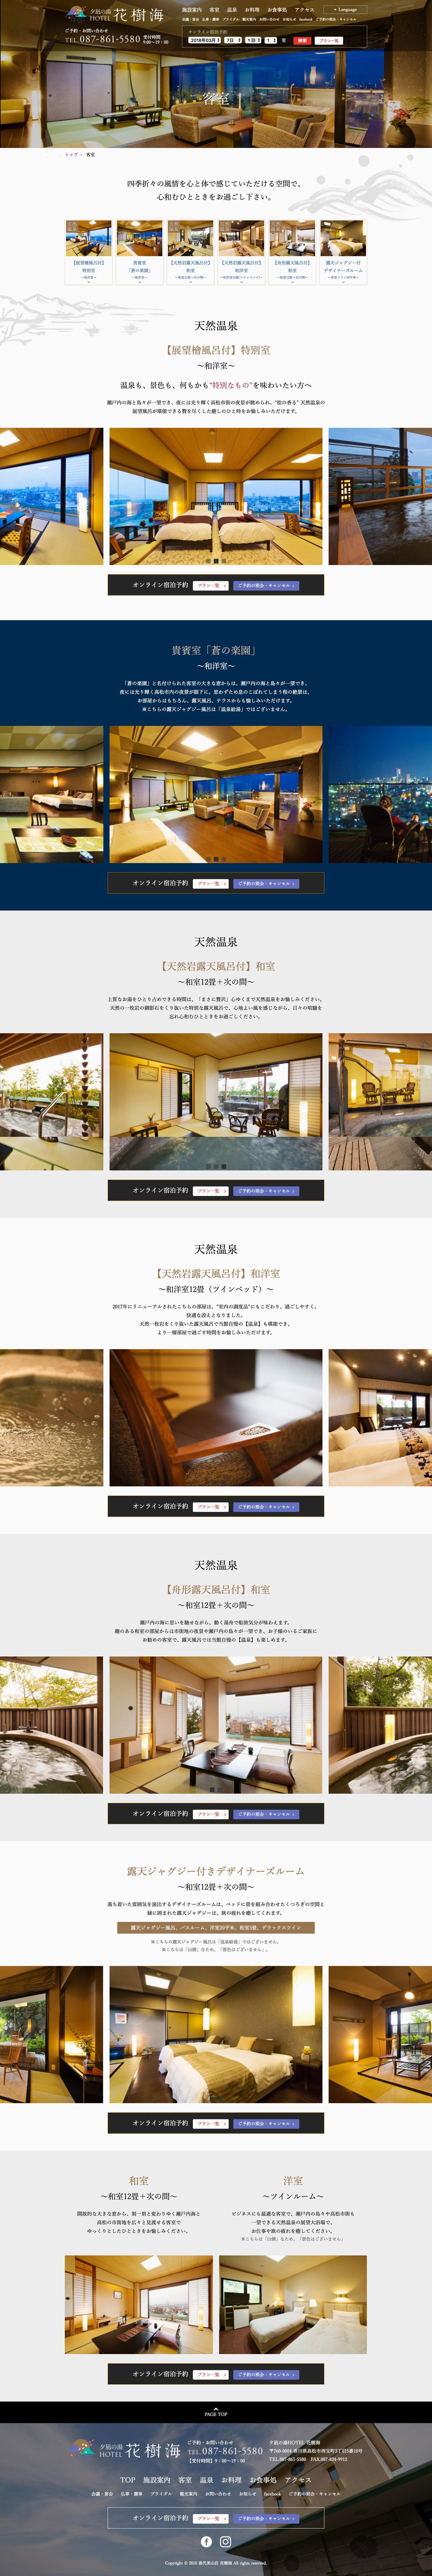 花樹海,瀬戸内海,ホテル,旅館,web